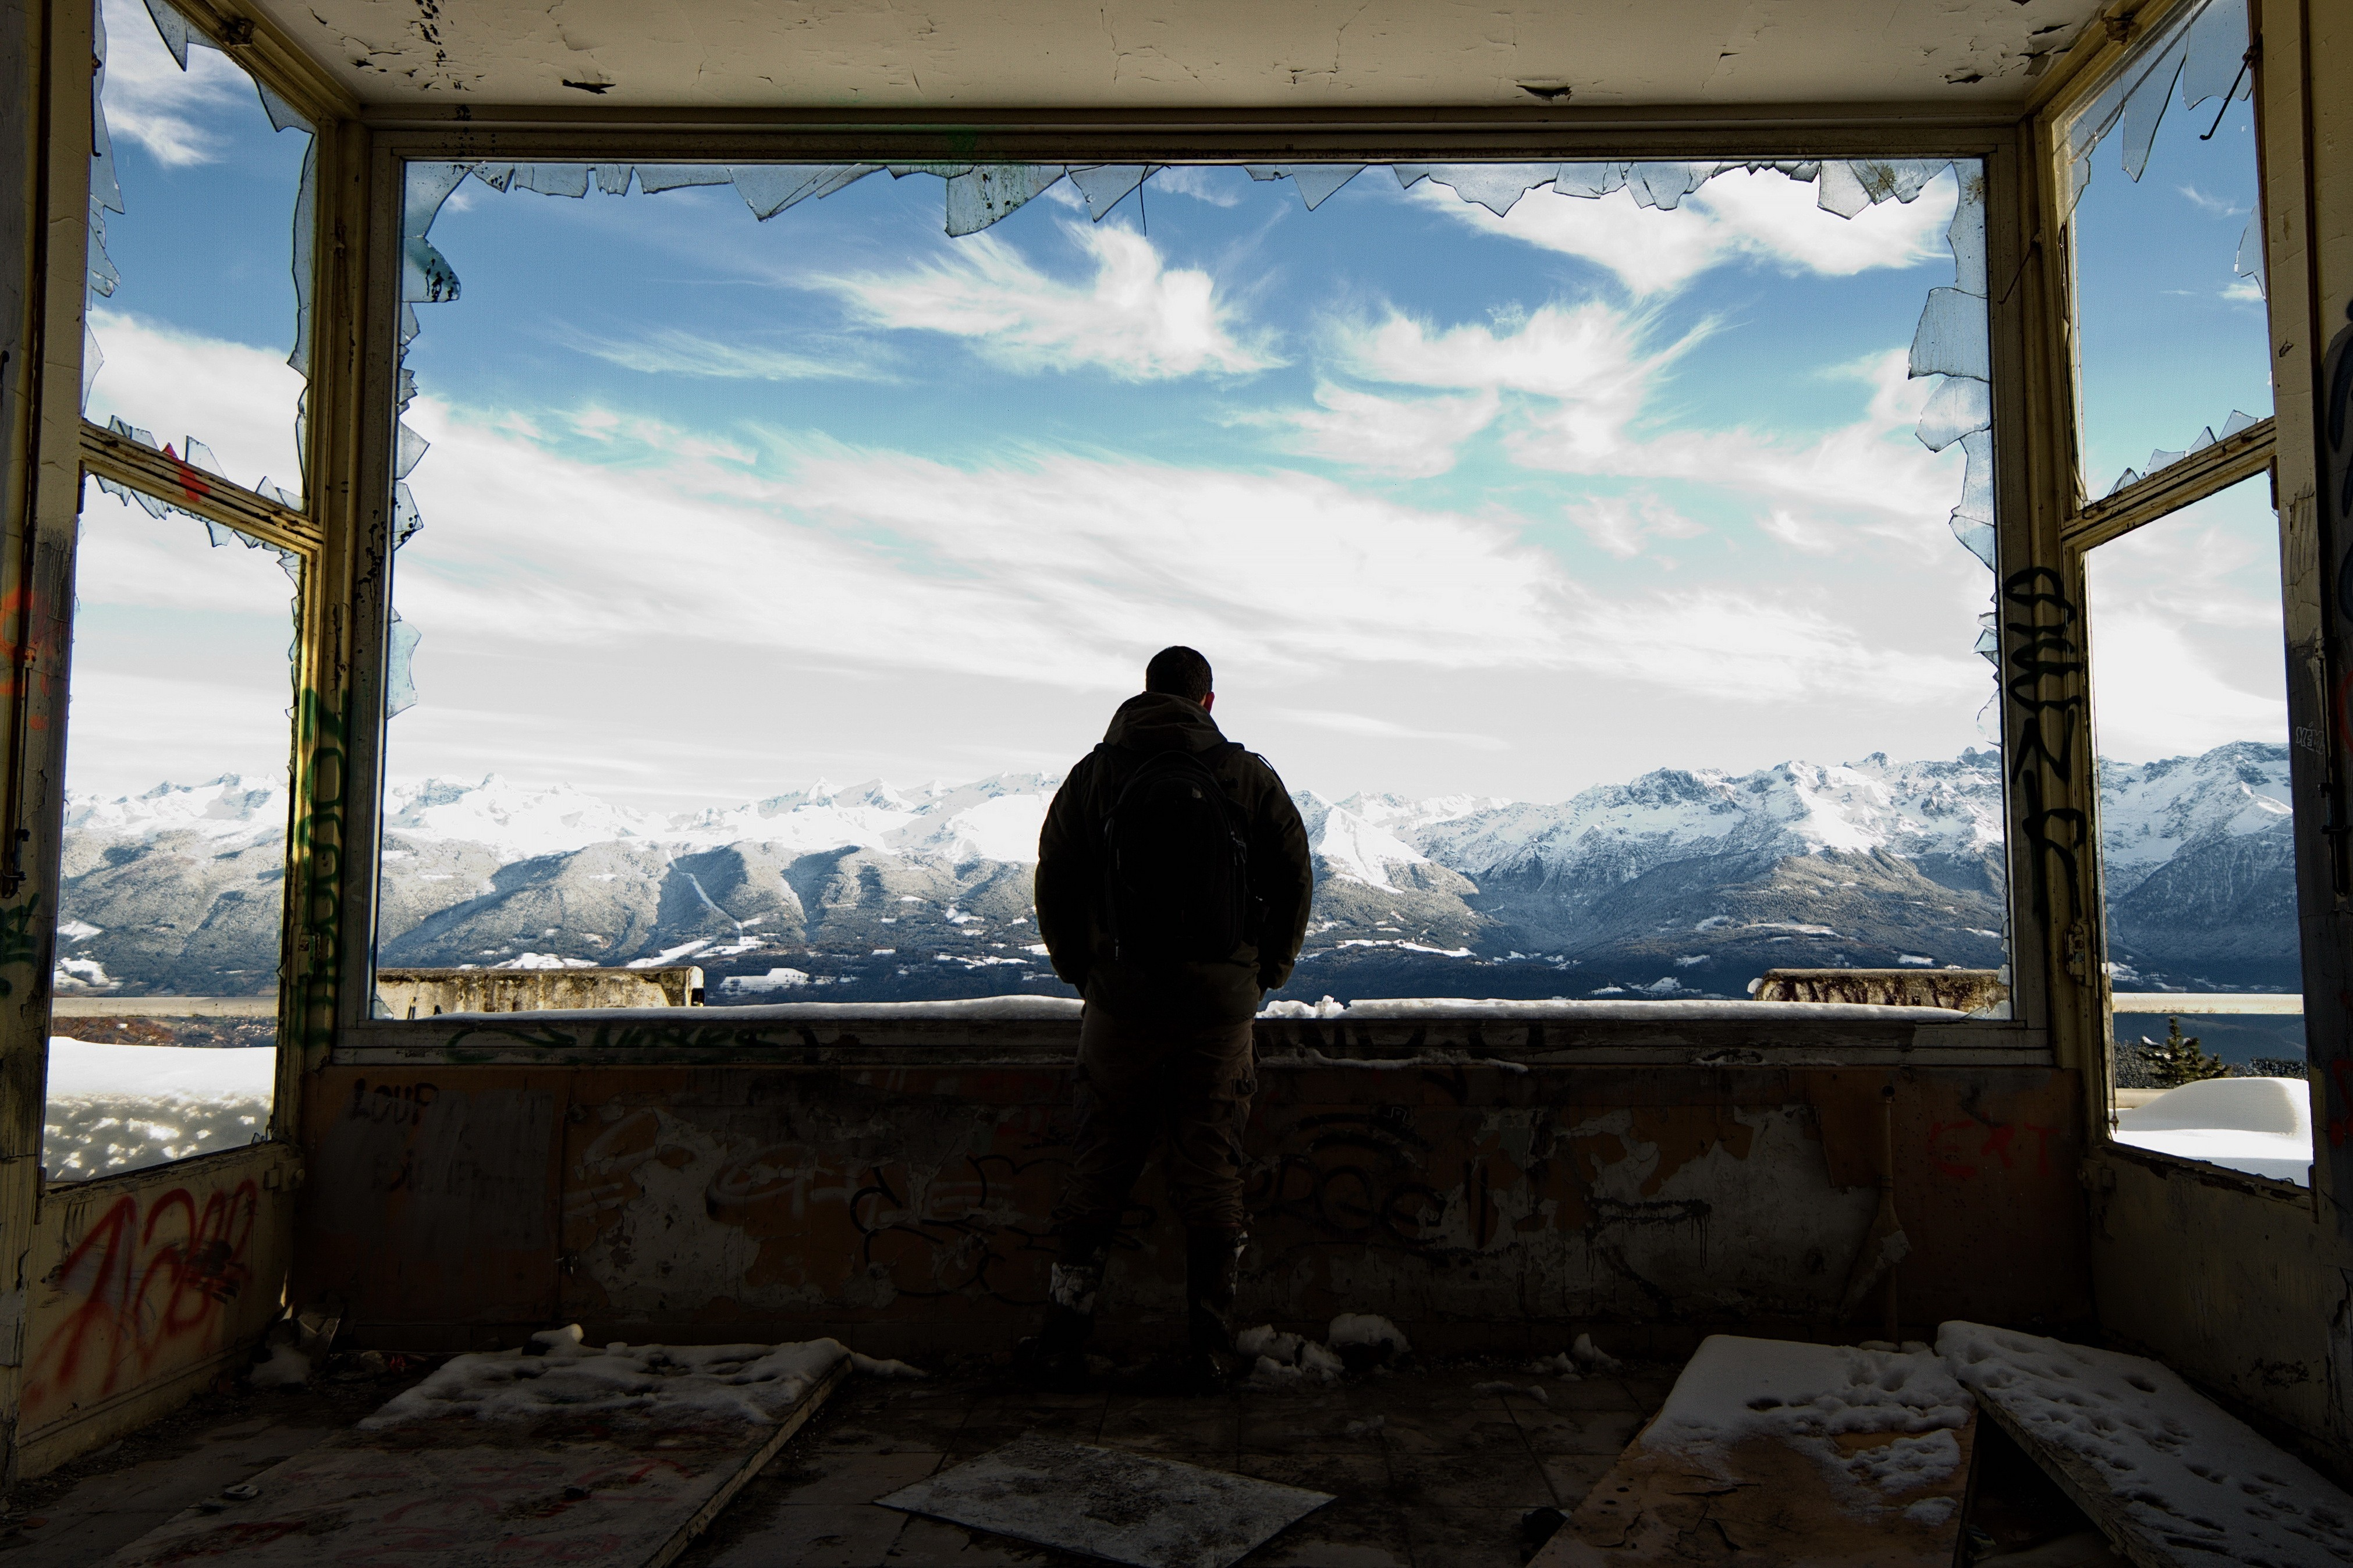 En montagne - Lauric Gourbal - KAZoART